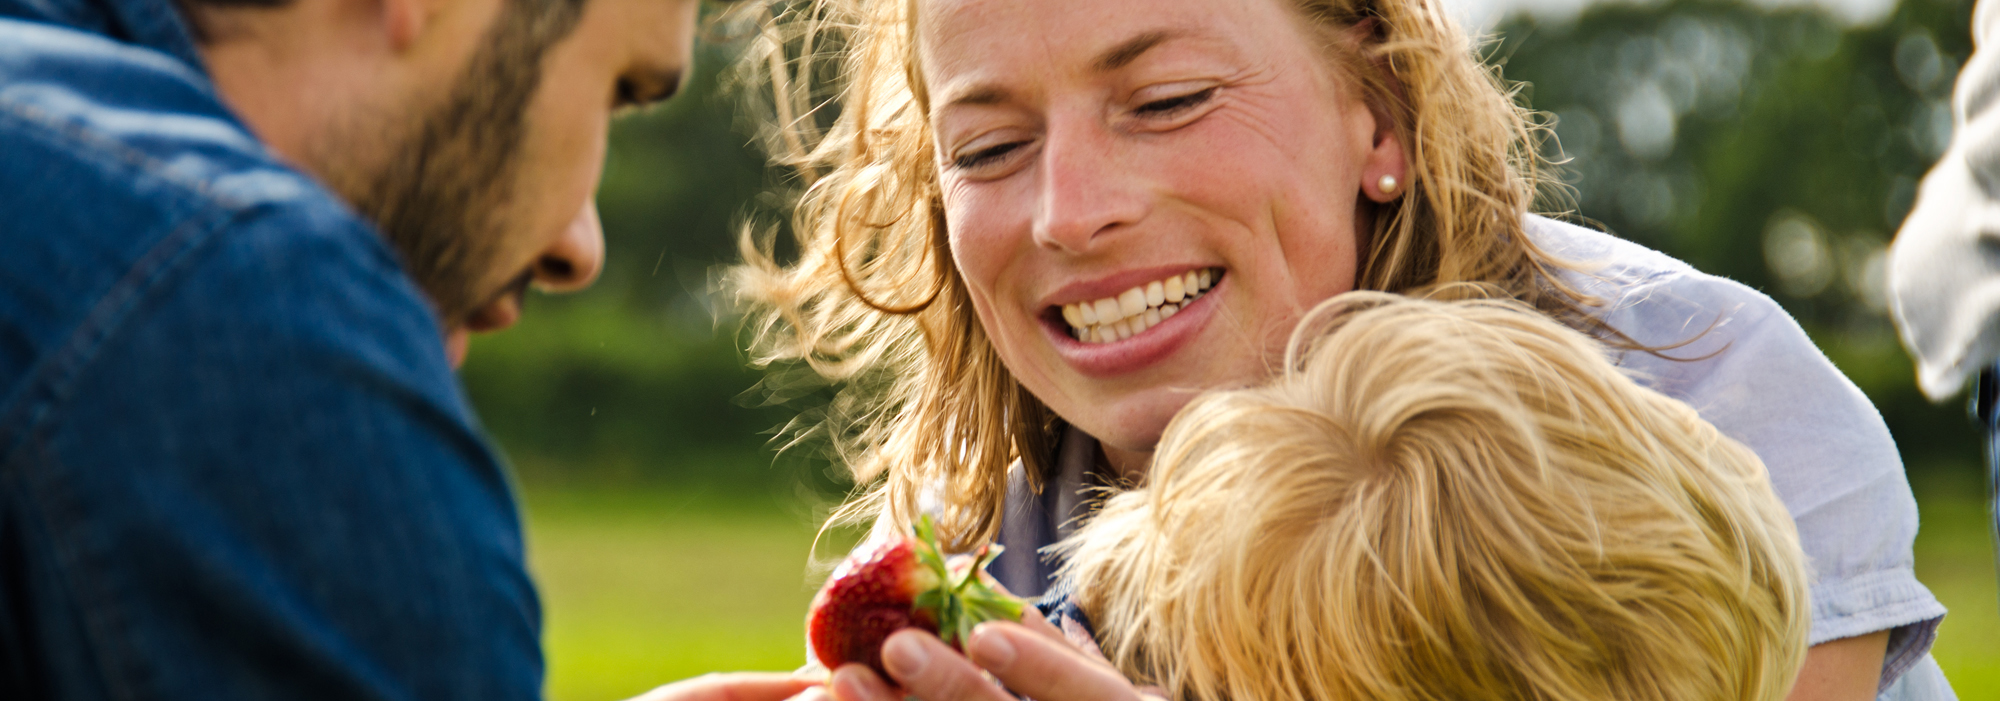 Bio-Erdbeeren-selberernten-Wulksfelde.jpg